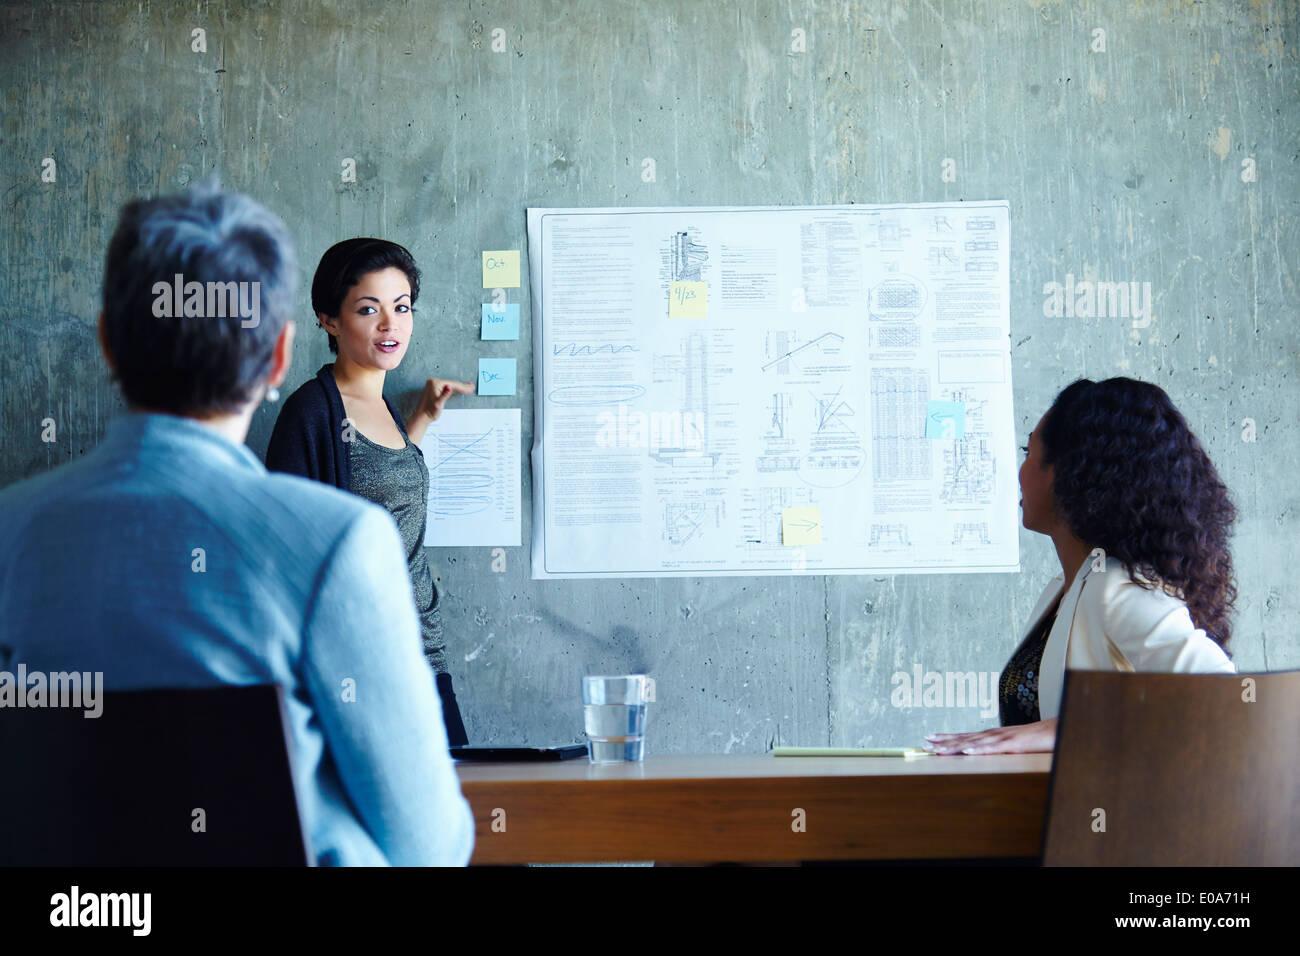 Les jeunes présentent des idées d'affaires in office Photo Stock